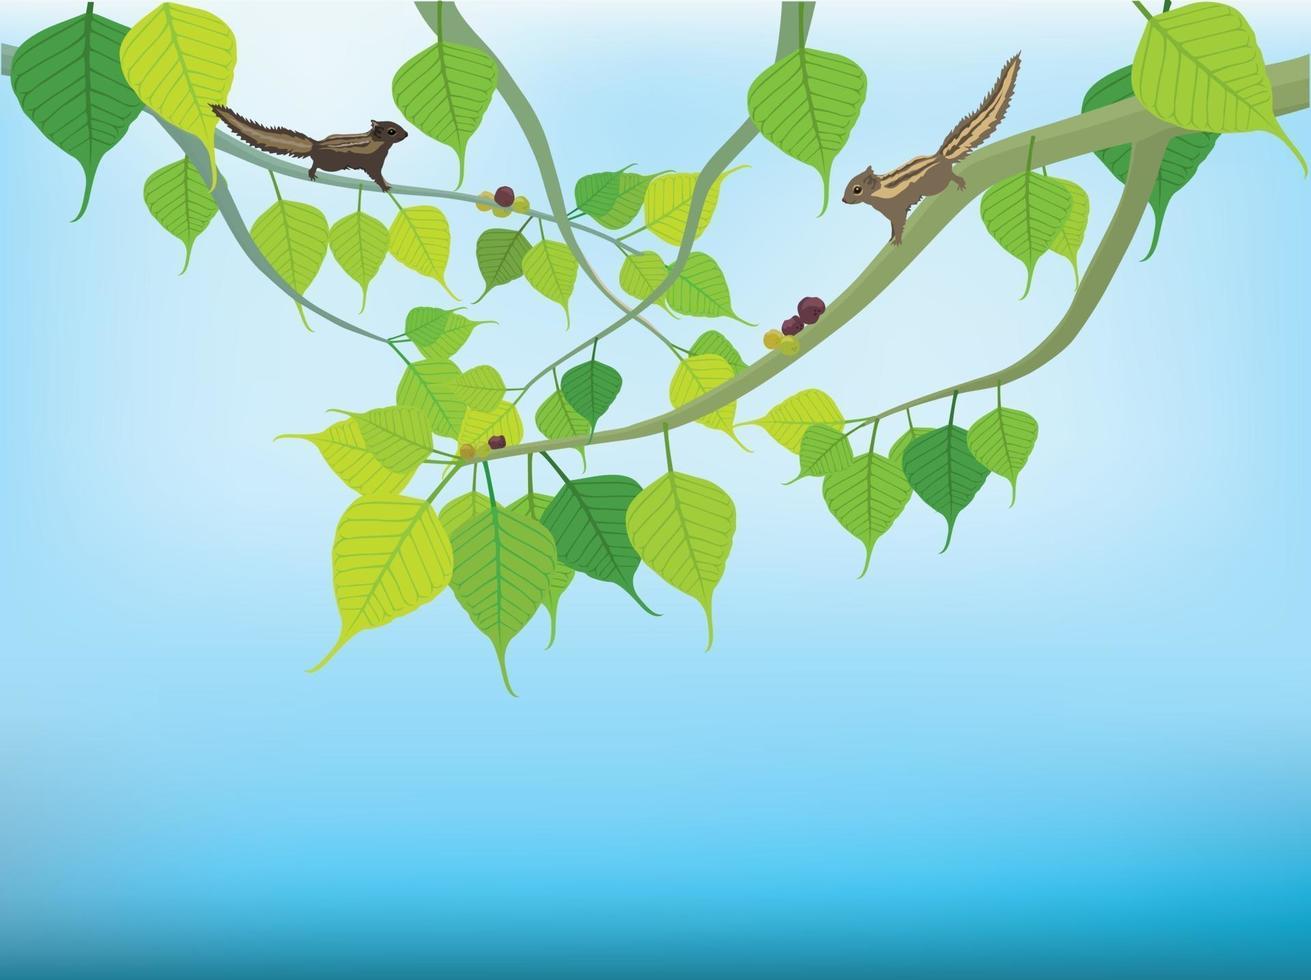 arbre bouddhiste sur vecteur graphique illustration